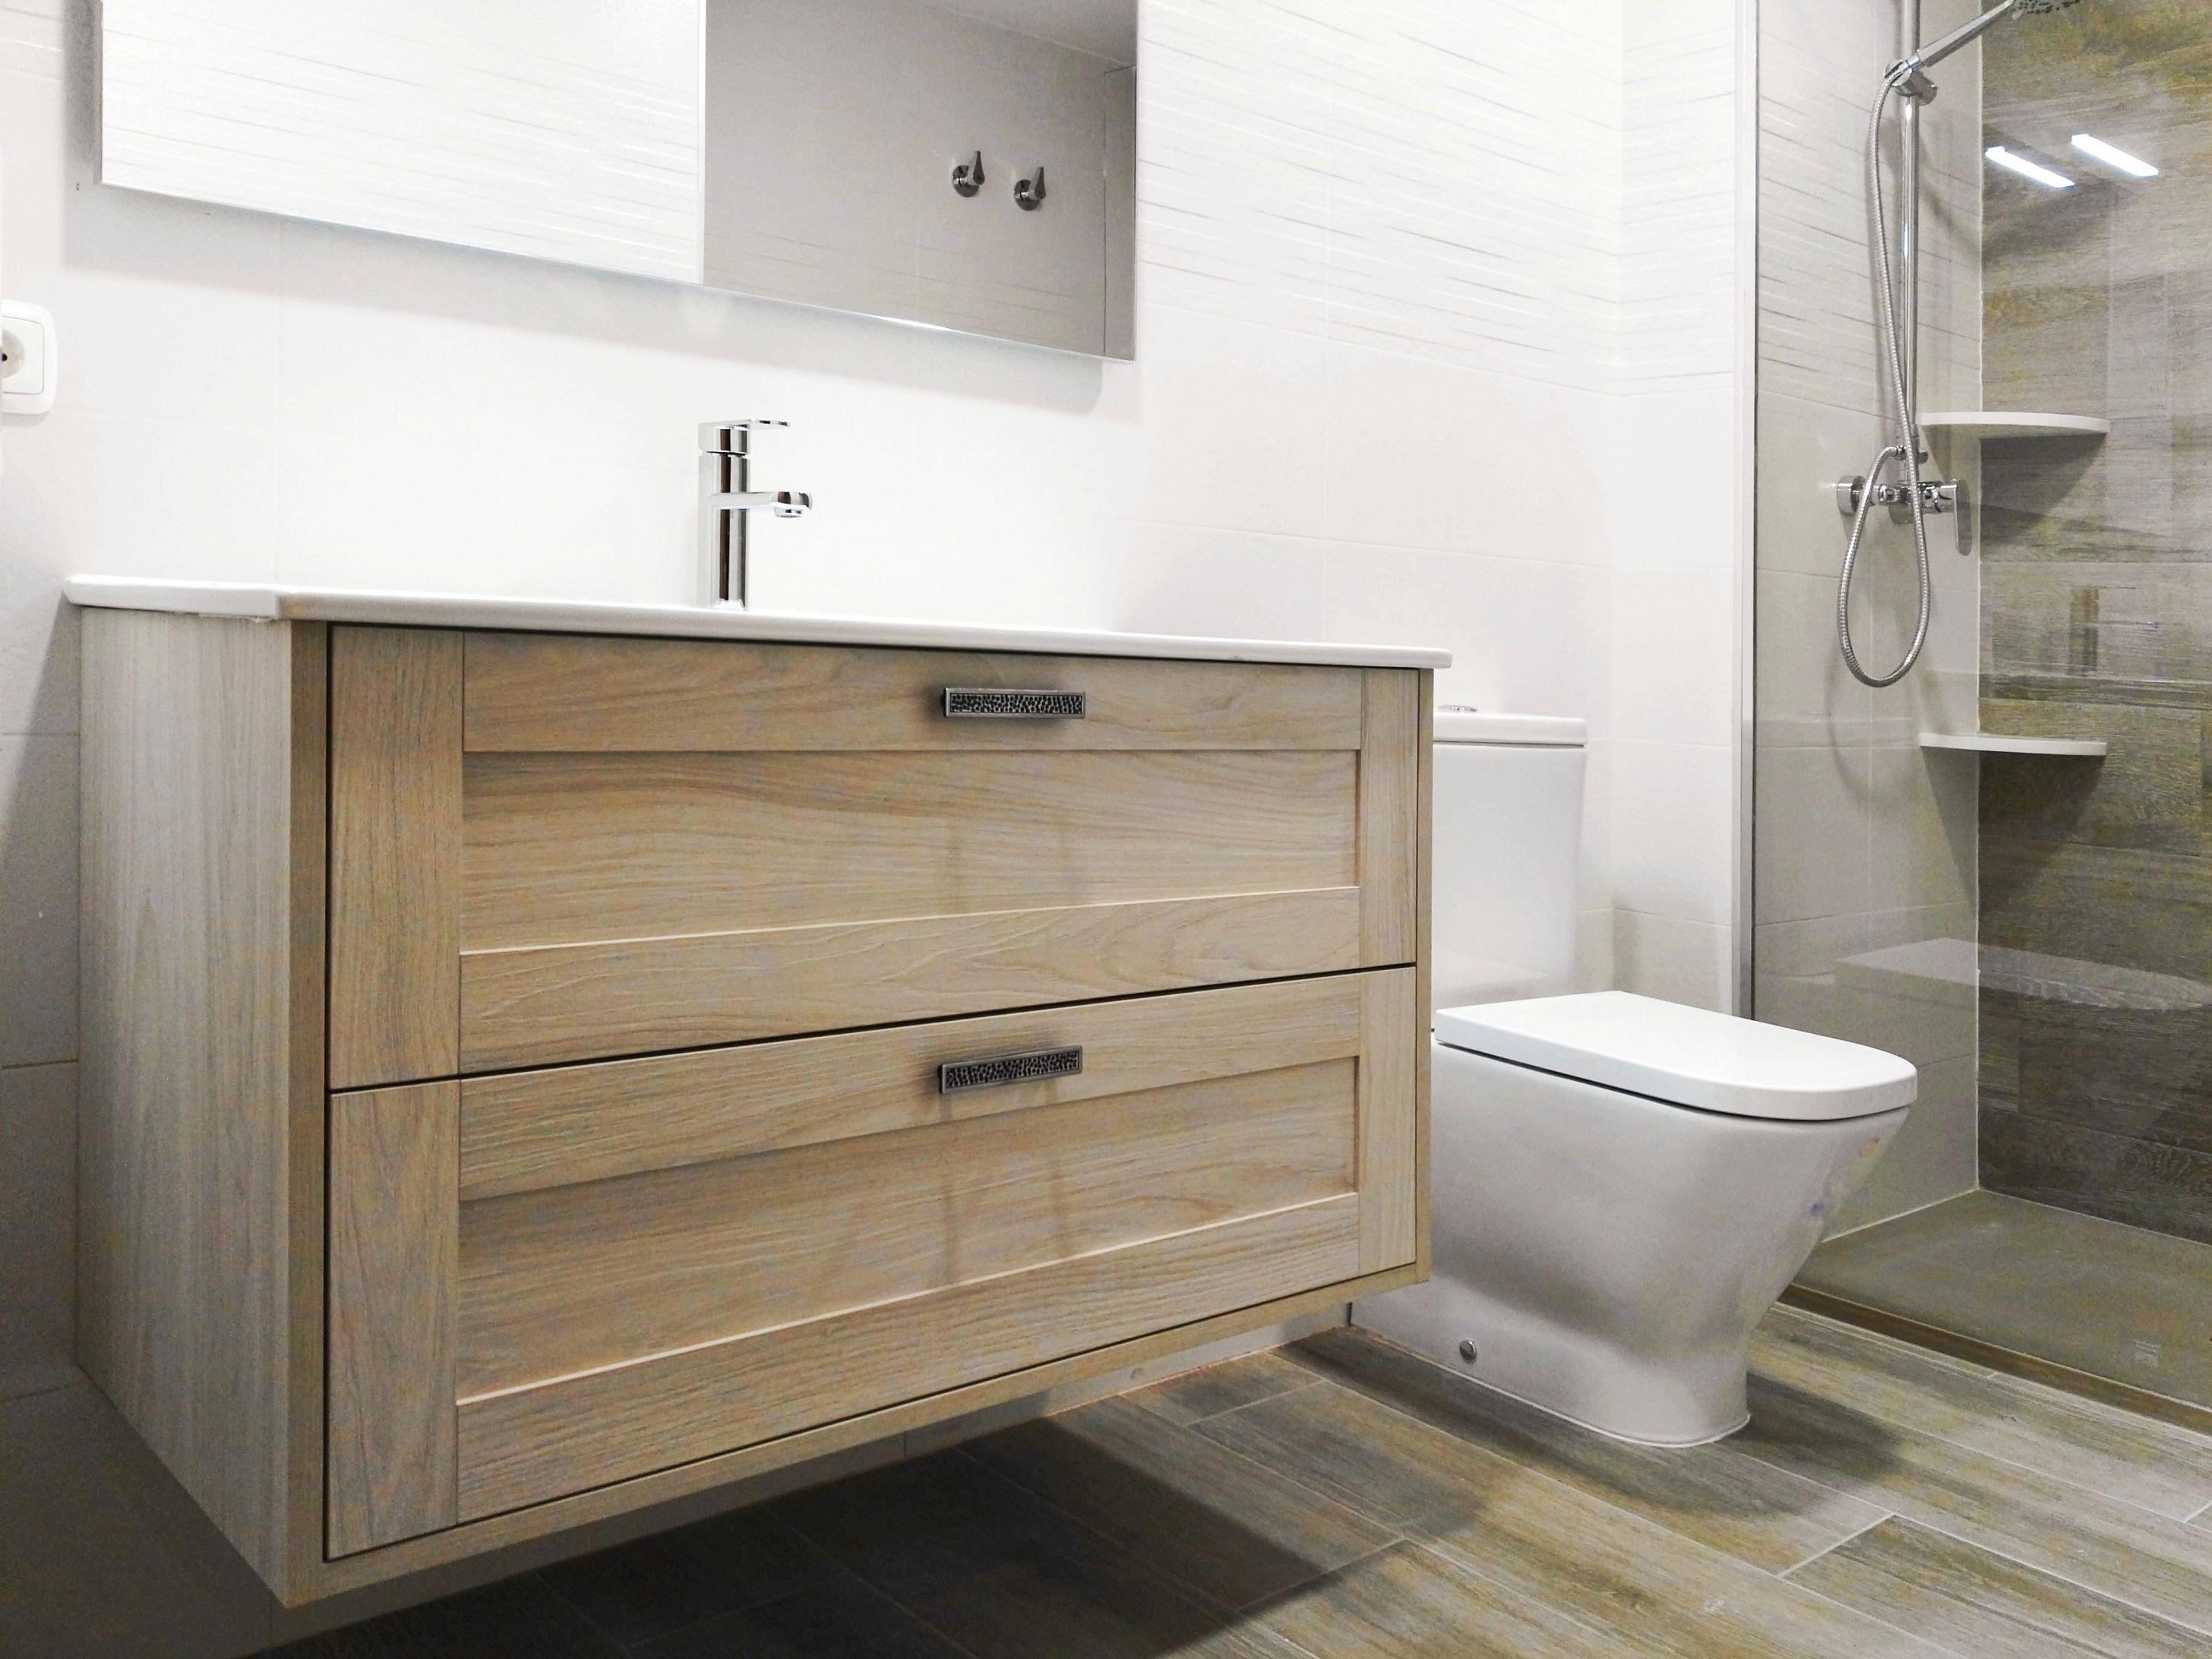 Cuarto de baño blanco y roble   Cuarto de baño blanco ...